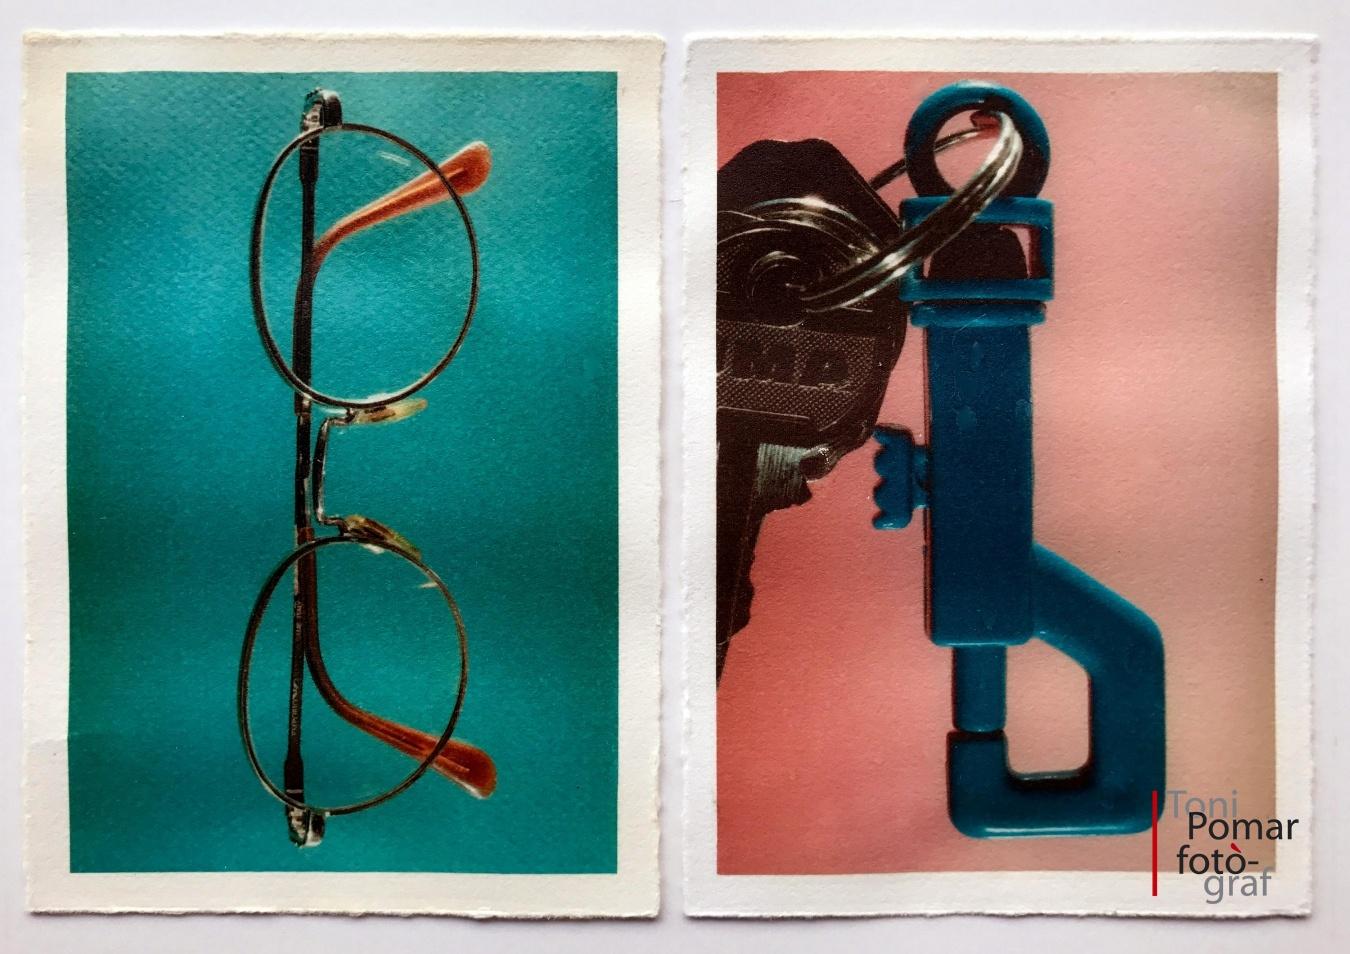 B - Les meves ulleres | b - Clauer amb claus - Alfabet - Toni Pomar. Alfabet